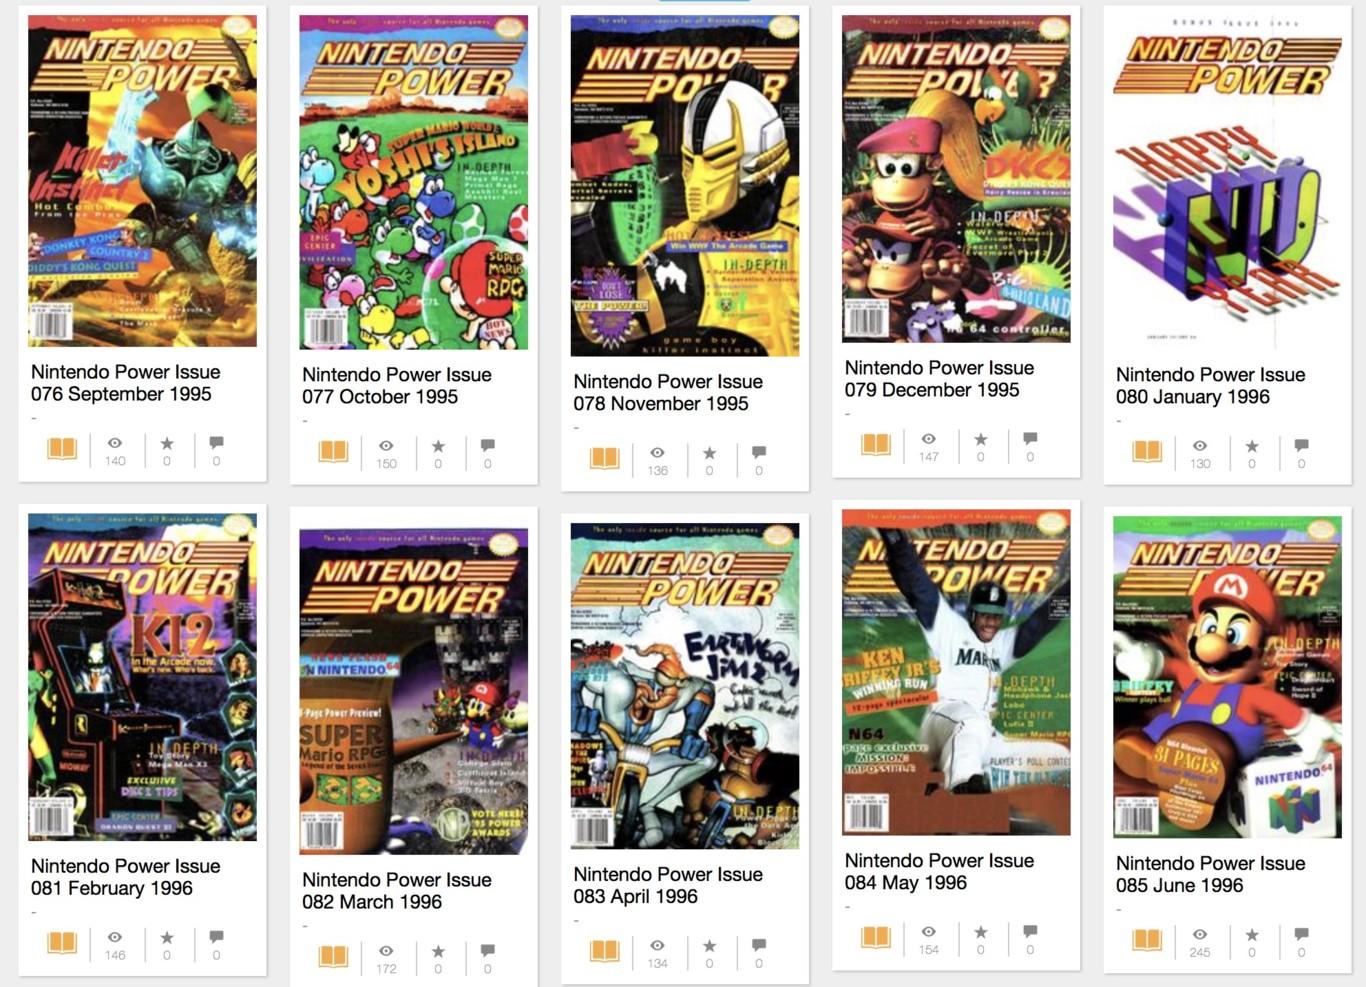 Los 13 primeros años de la mítica Nintendo Power disponibles desde el navegador y gratis